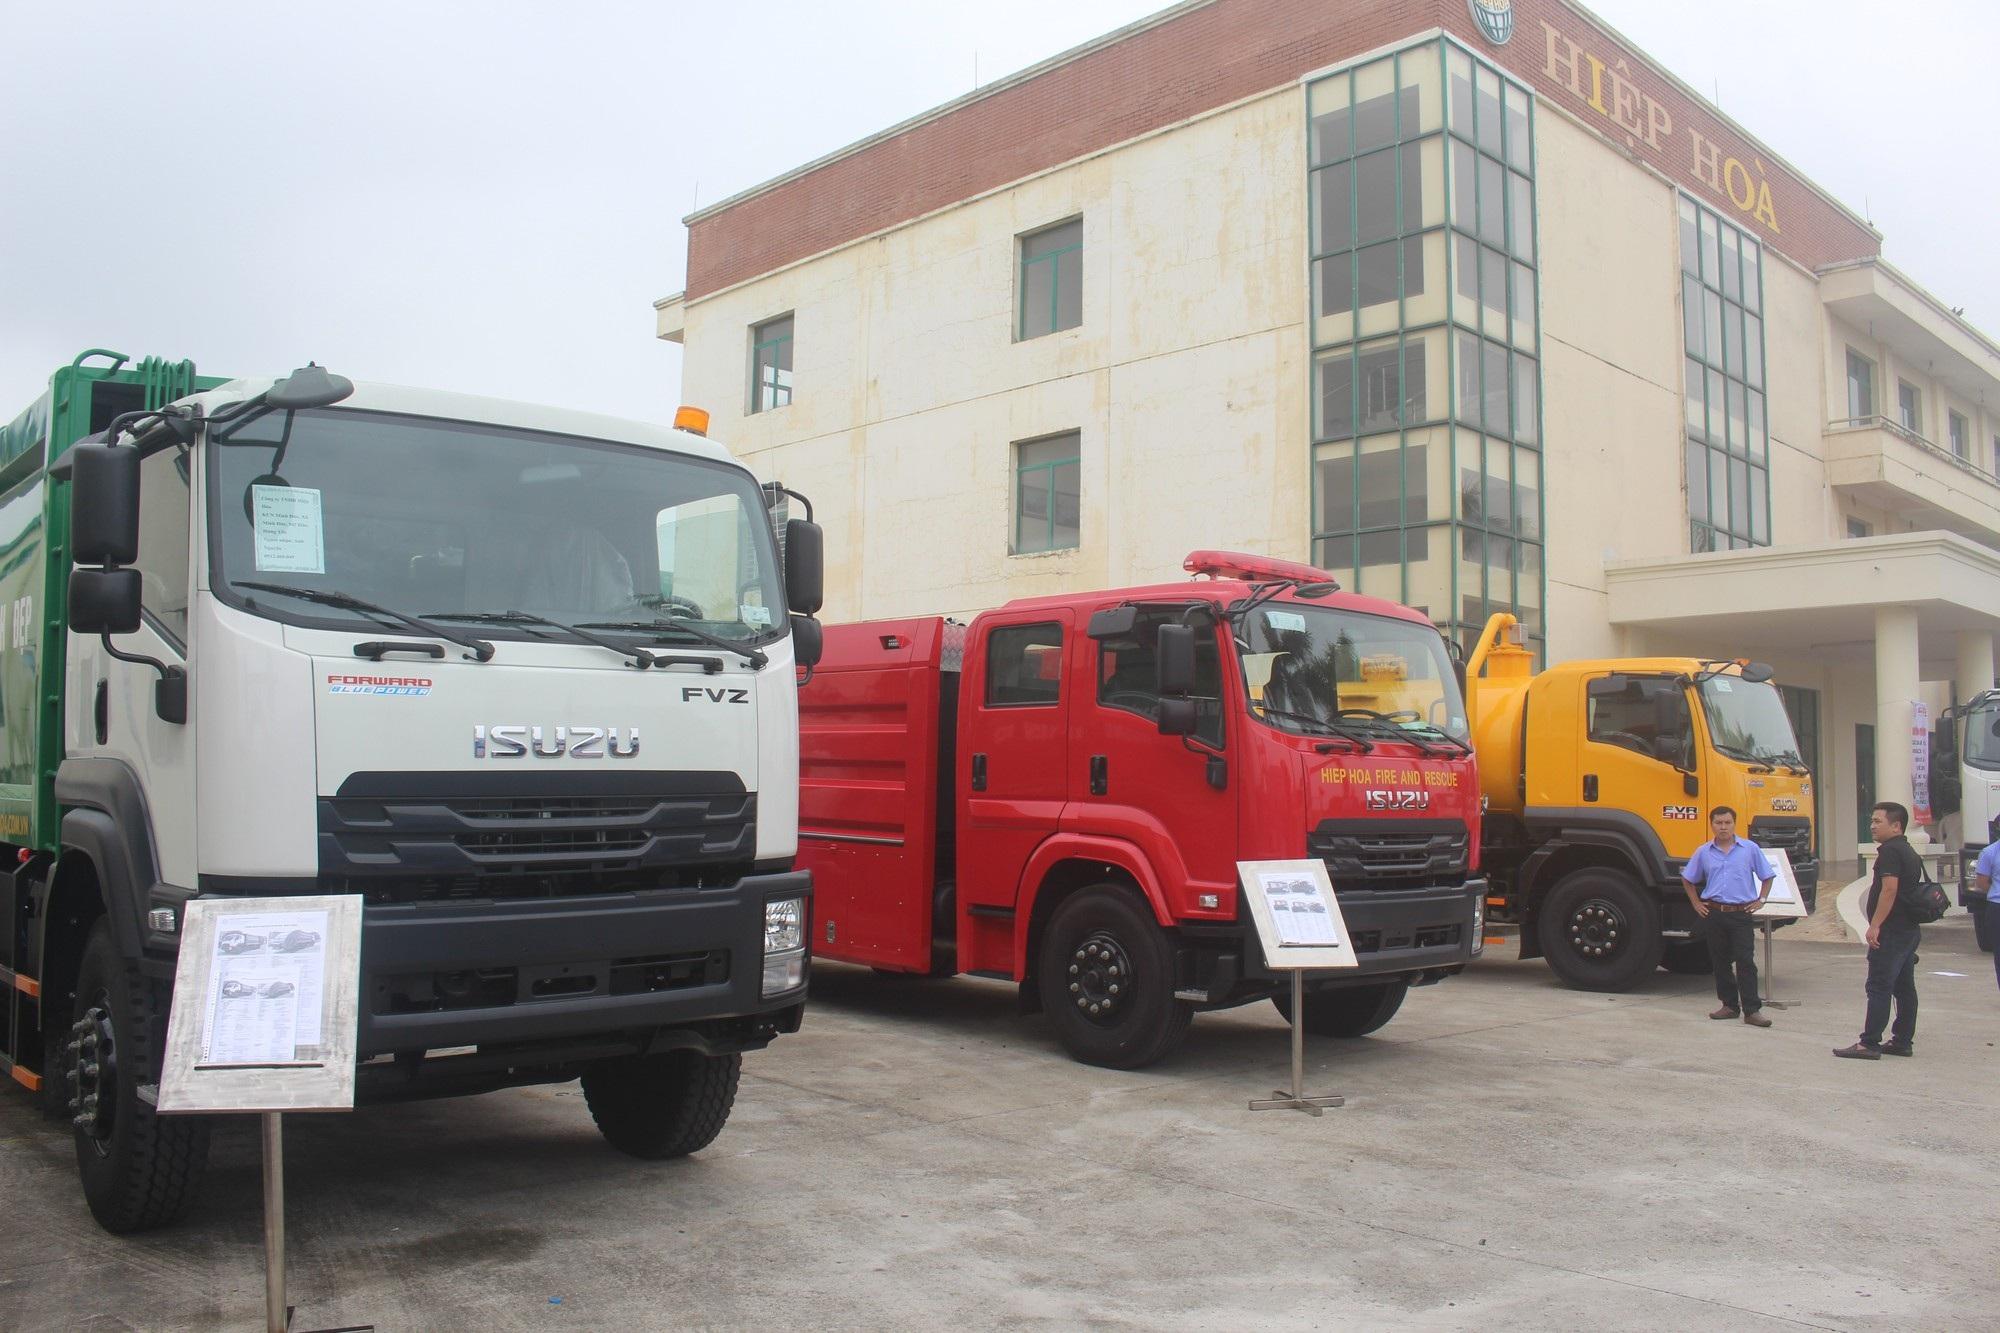 Một số sản phẩm xe chuyên dùng do hai bên kết hợp sản xuất. (Ảnh: Hồng Vân)